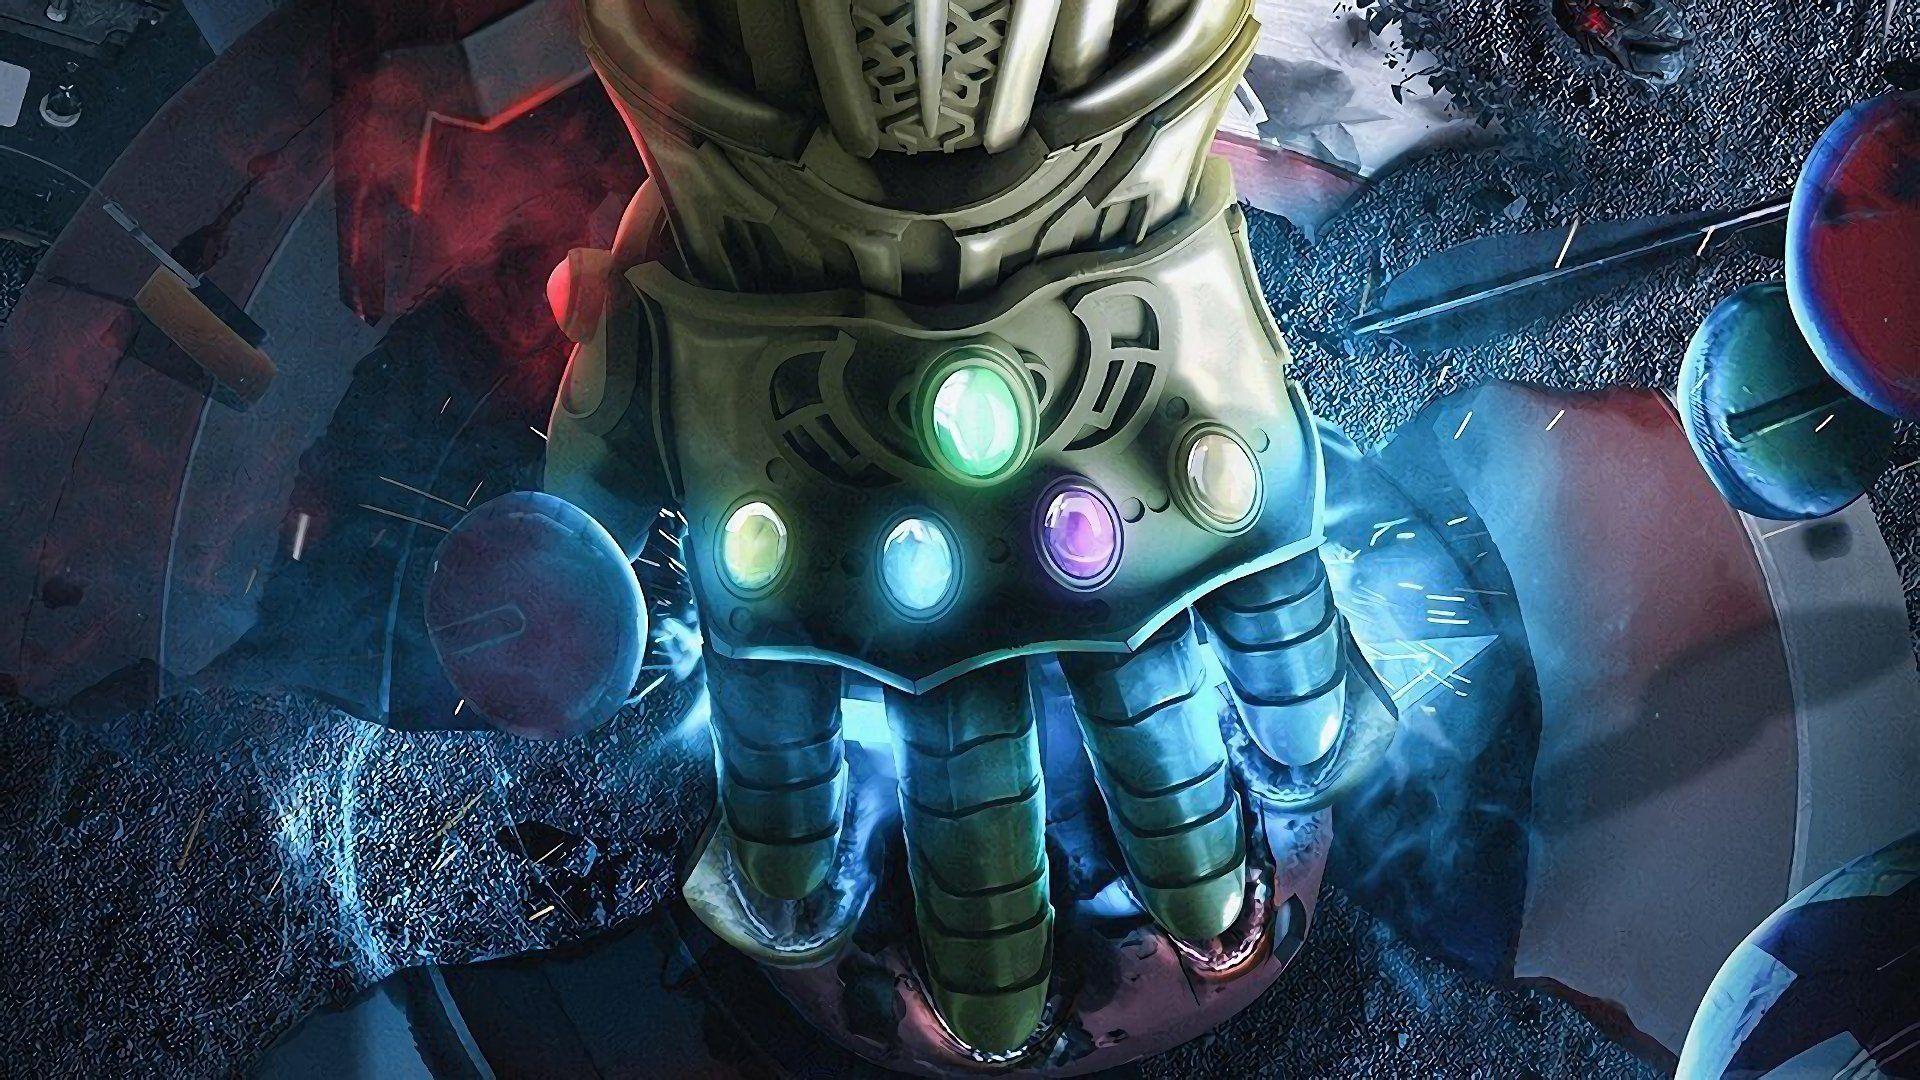 Movie Avengers Infinity War Infinity Gauntlet Gauntlet Avengers Thanos Wallpaper Avengers Avengers Infinity War Creative Graphics